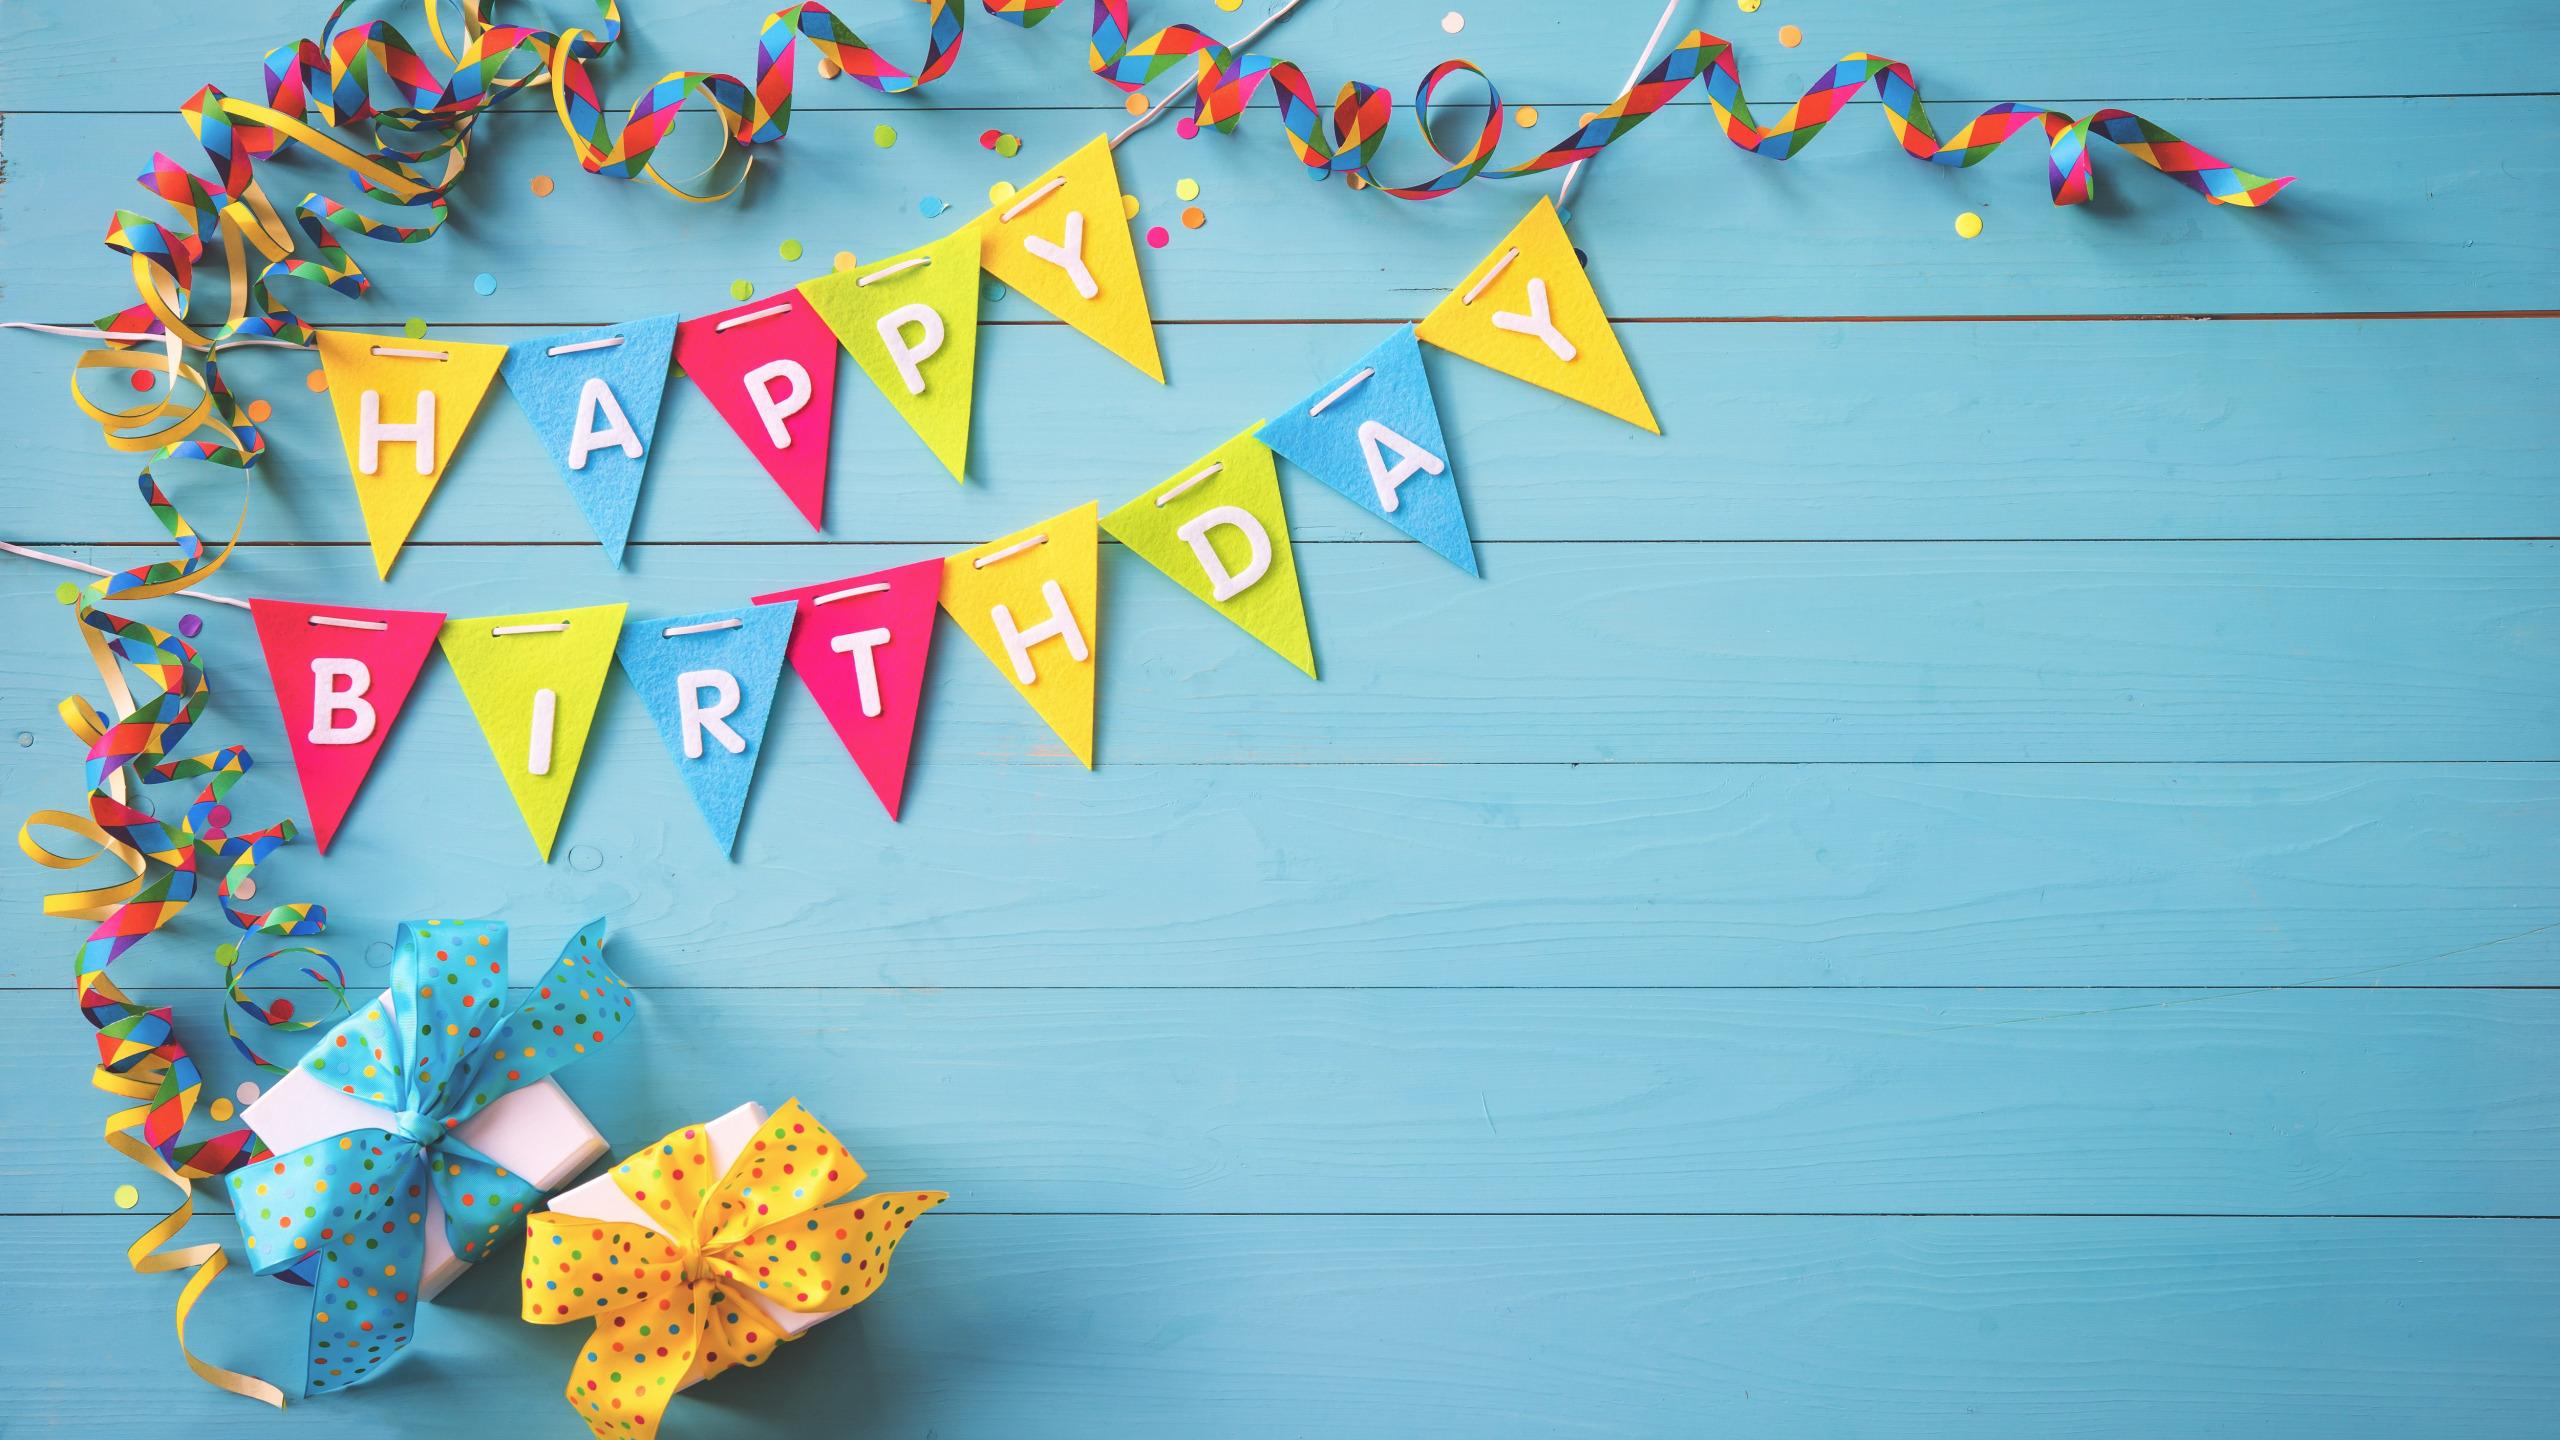 Картинки для дня рождения большой формат